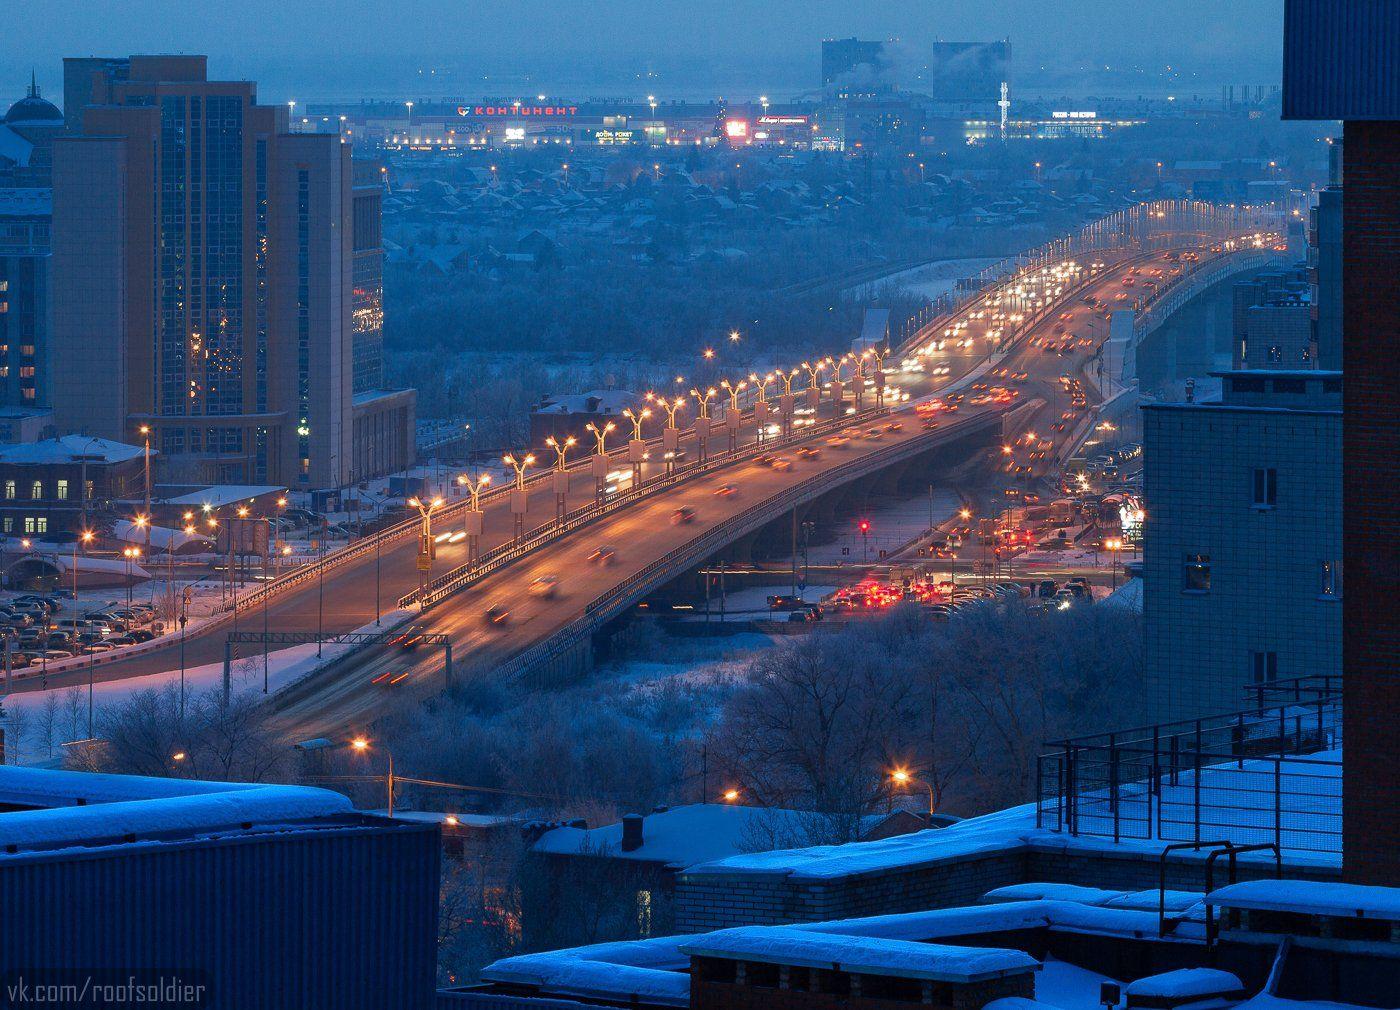 Омск, Россия, ночь, зима, крыша, мост, город, пейзаж, Голубев Алексей